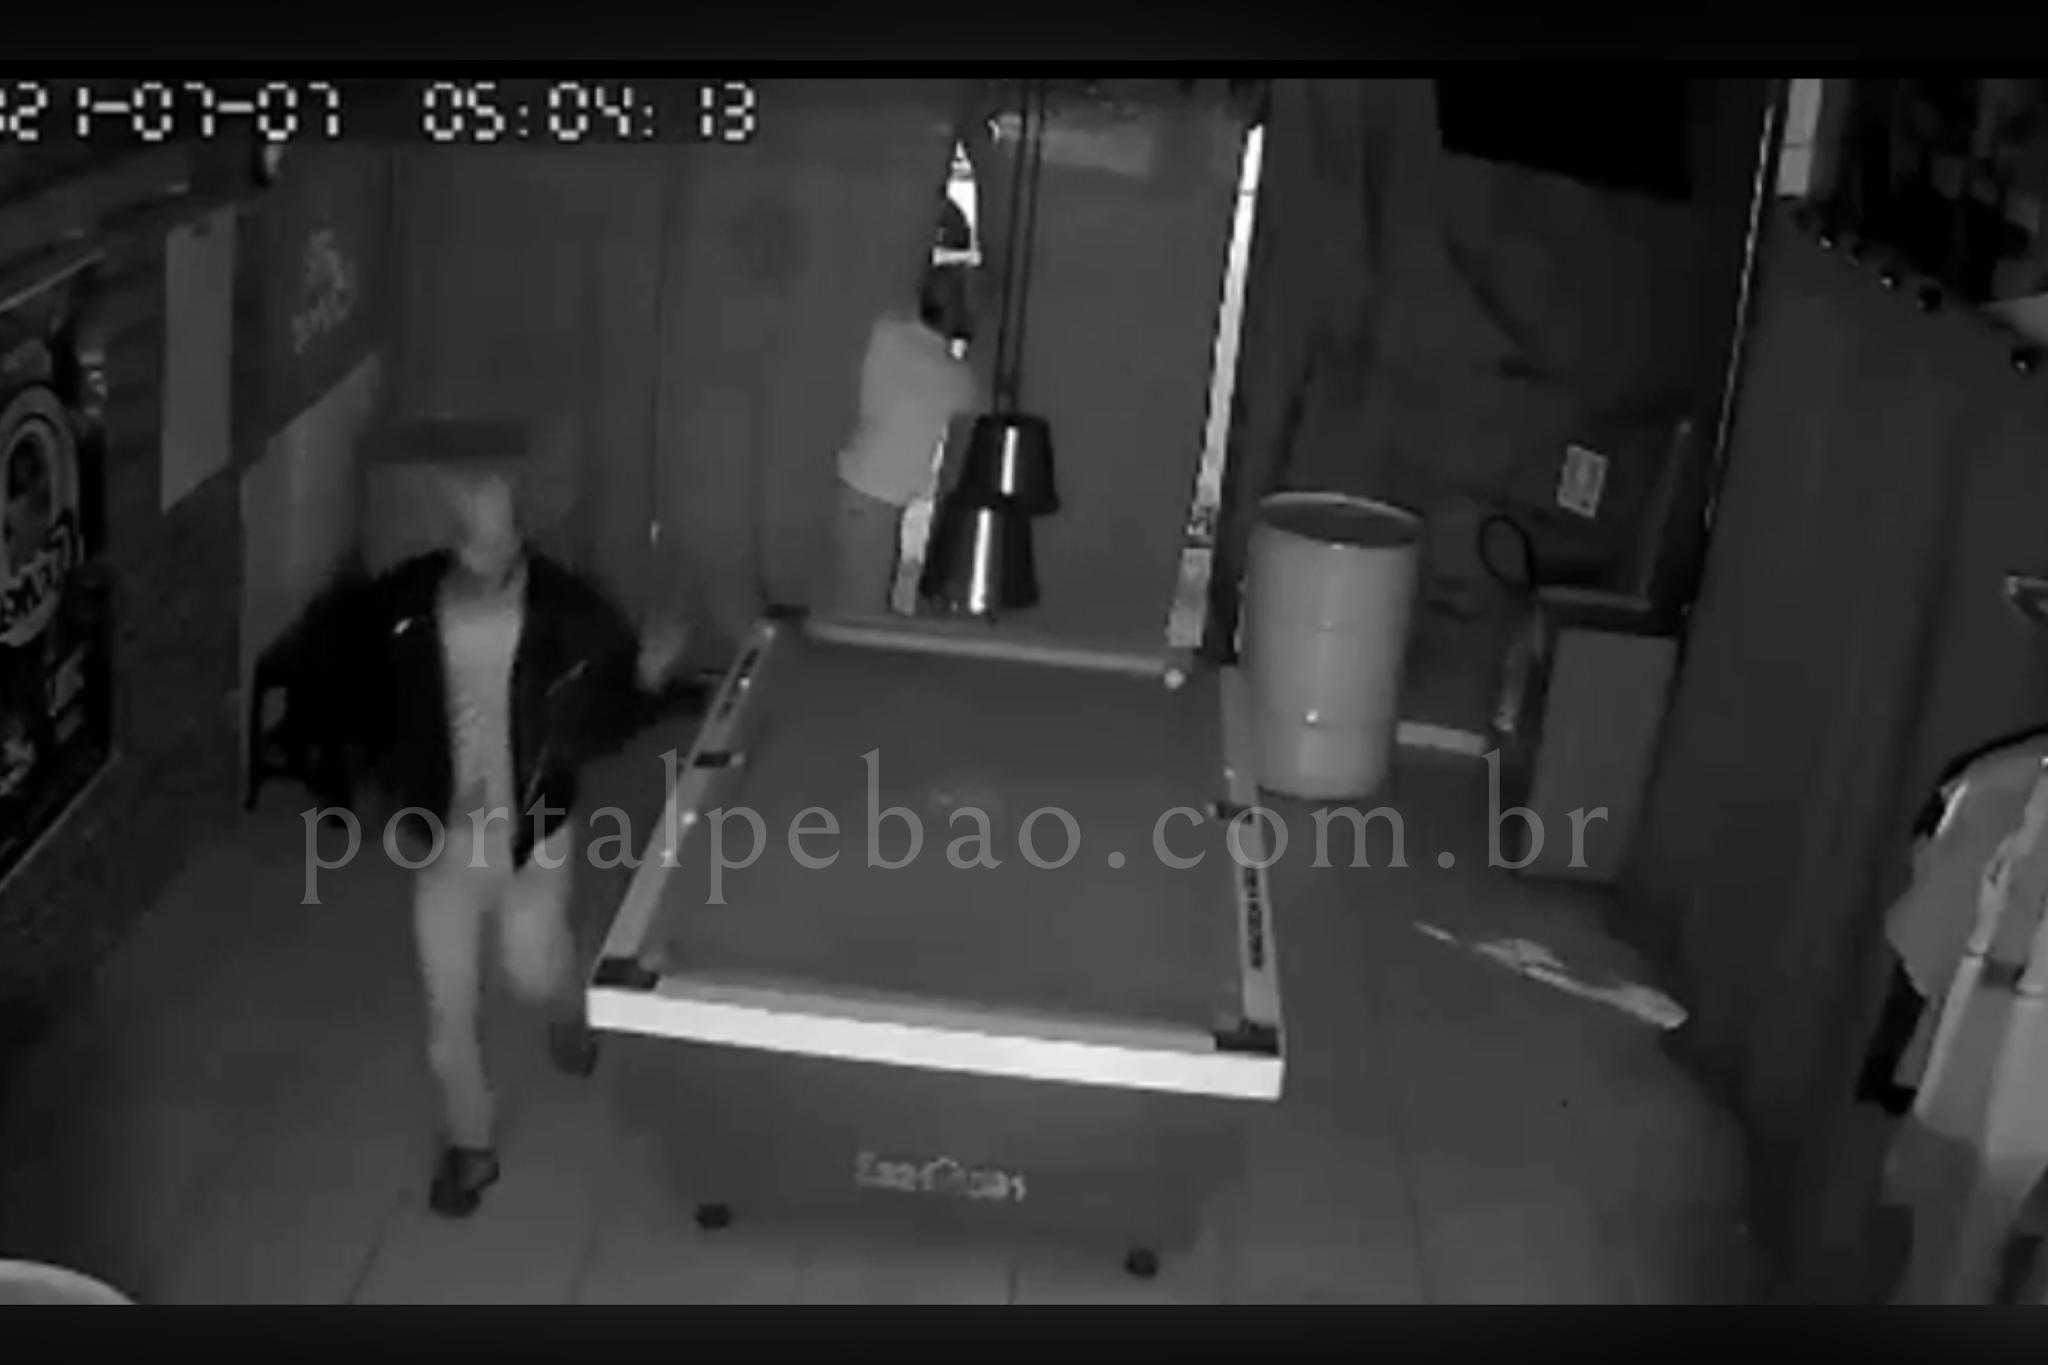 Câmeras de segurança flagram ação de ladrões em loja em Parauapebas.